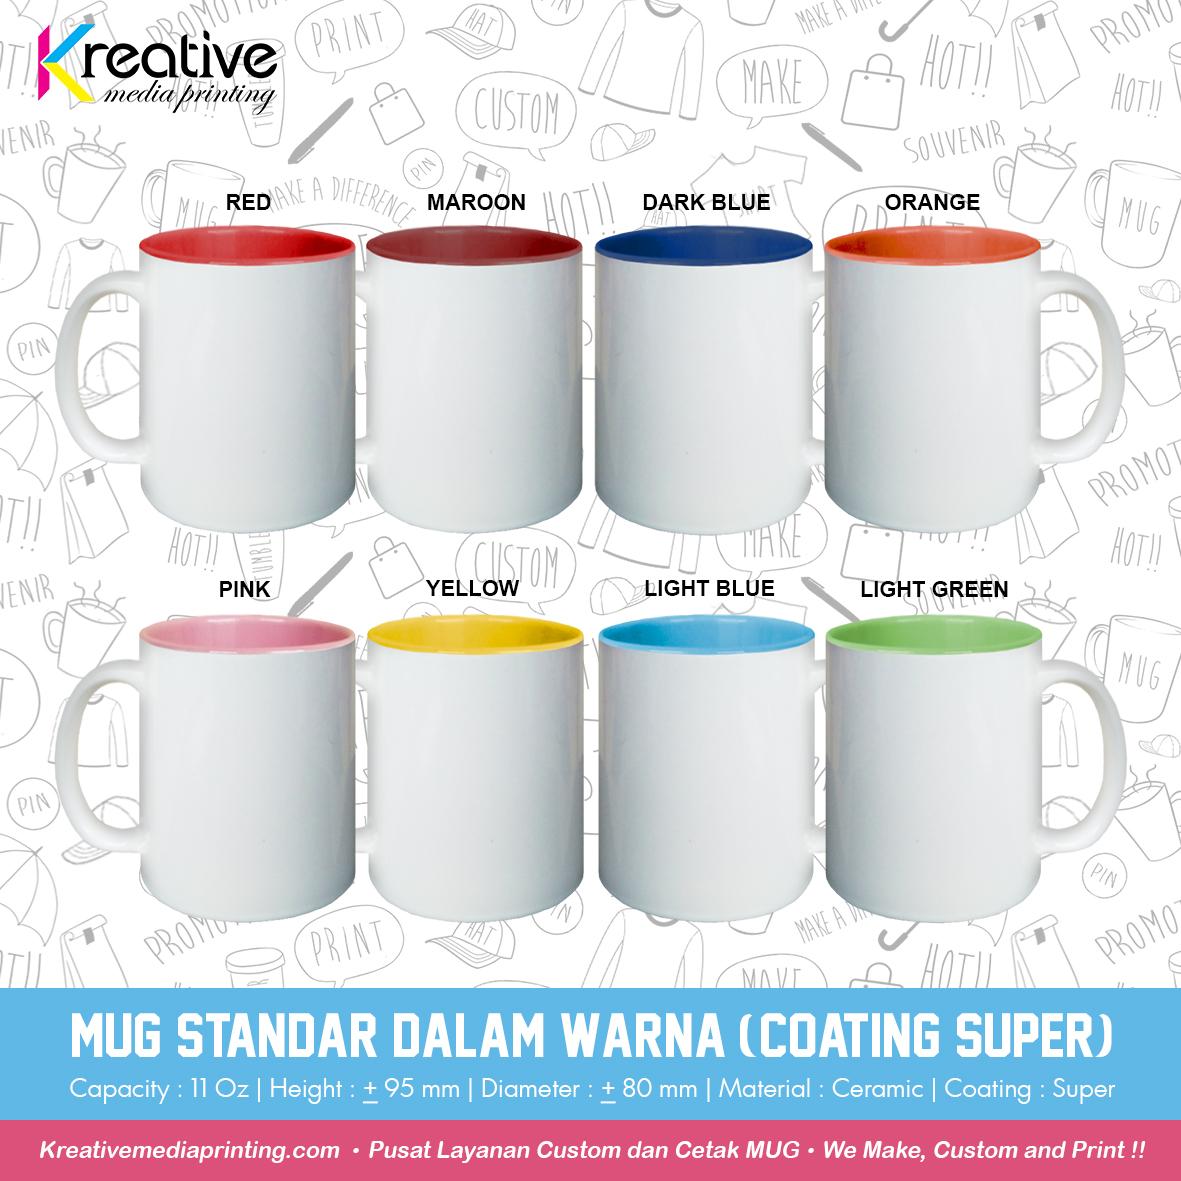 Mug Standar Dalam Warna (Coating Super) (2)